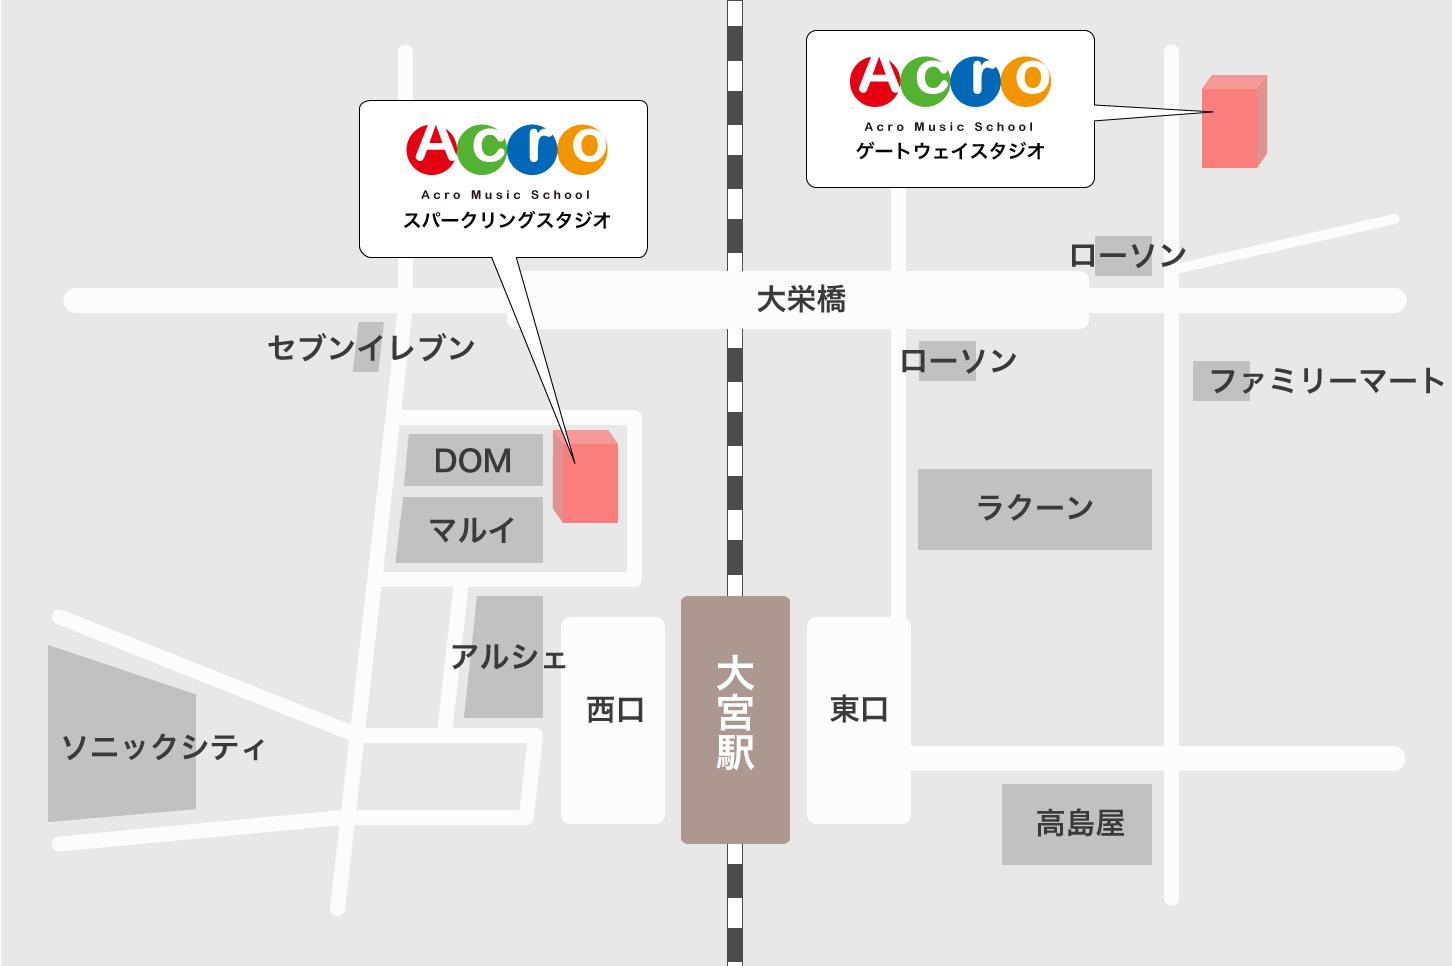 アクロミュージックスクール 大宮校 地図